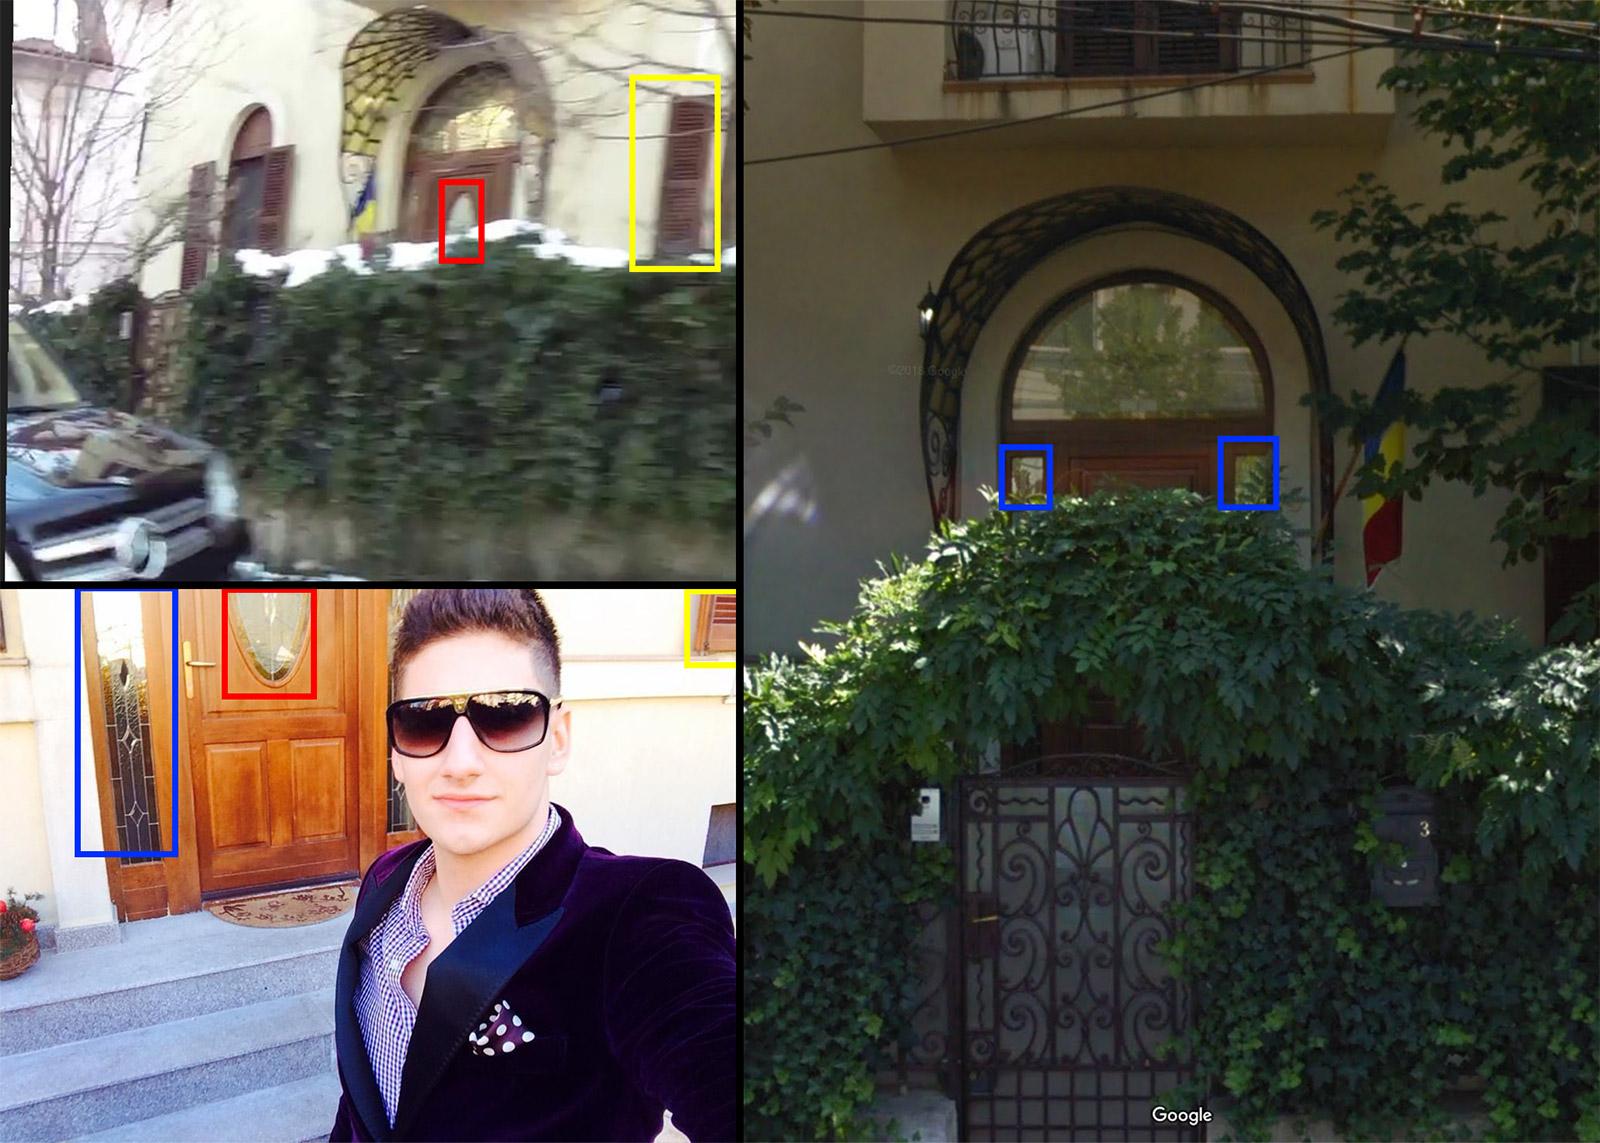 Fiul lui Gabriel Oprea s-a fotografiat în fața casei de pe strada Dr. Koch, iar imaginile de pe Google Earth confirmă că este aceeași vilă.